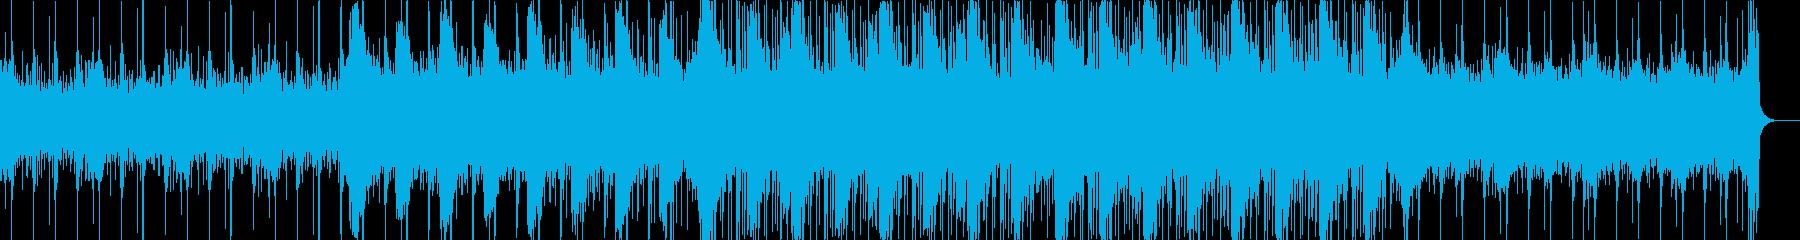 エレクトロニカなブレイクビーツの再生済みの波形